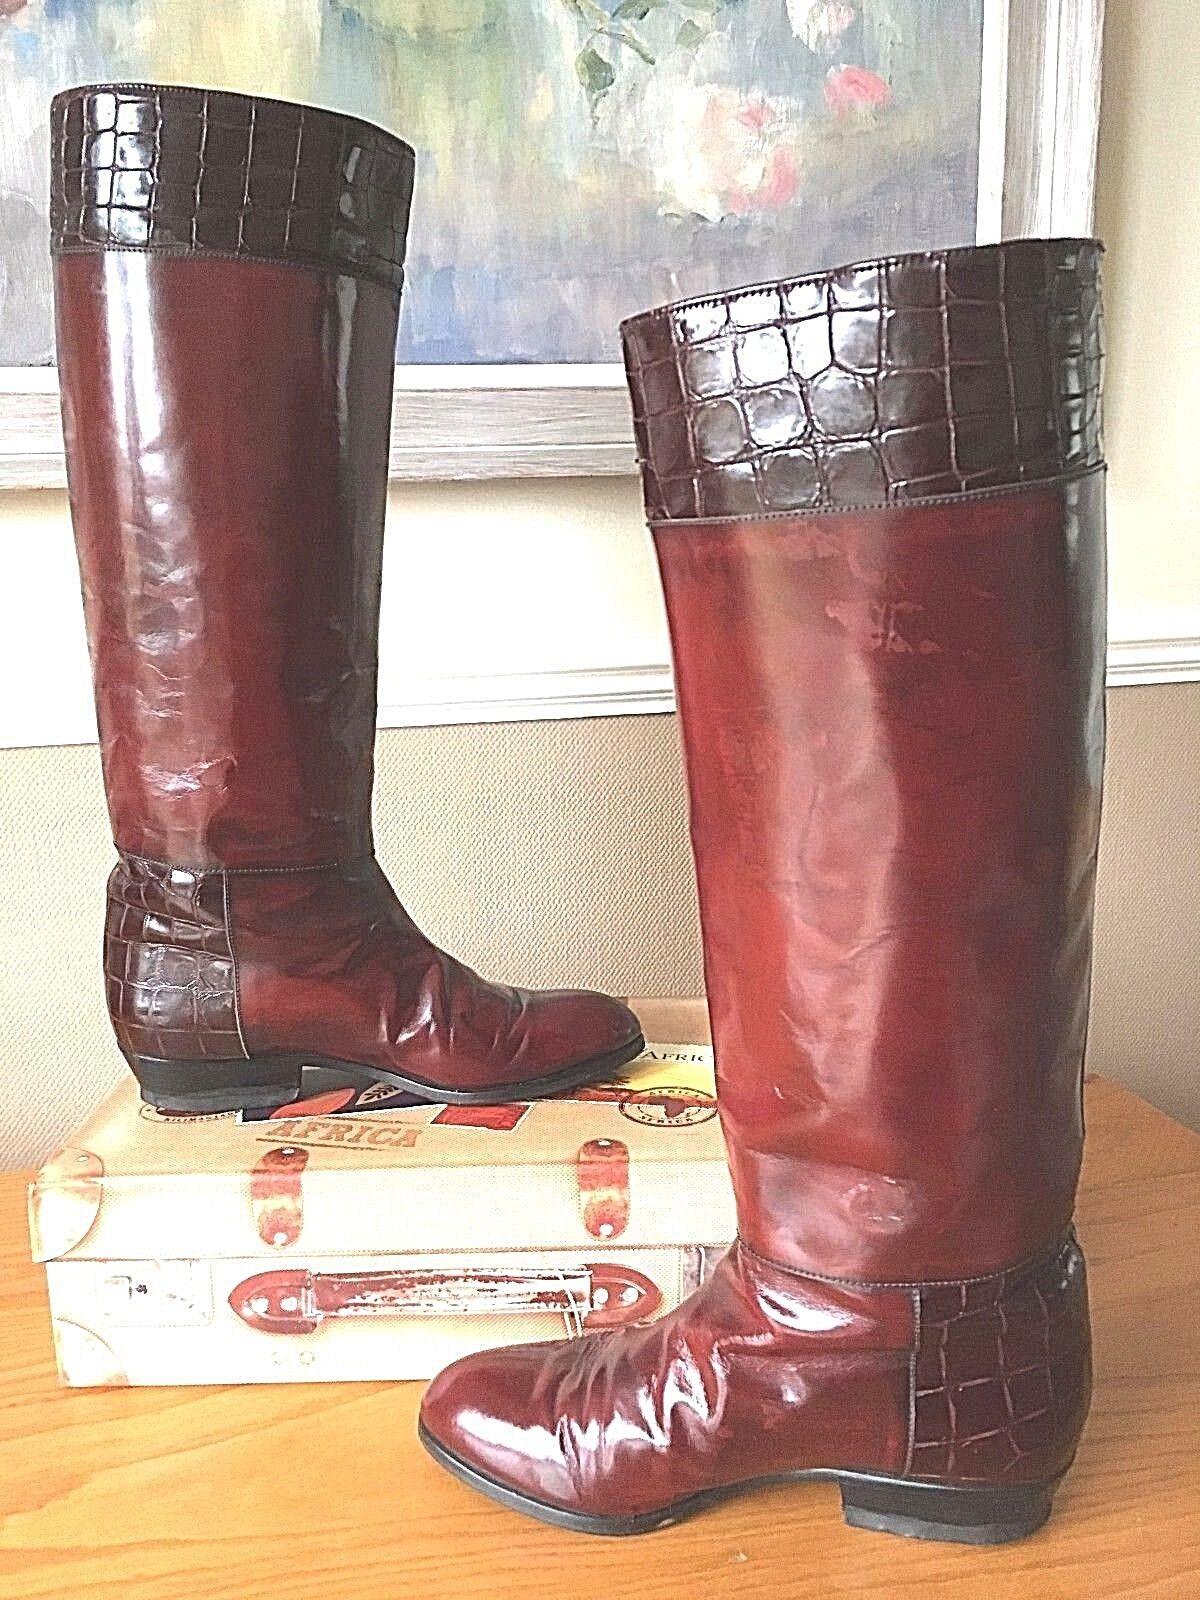 Señoras Bally Rico Color Color Color Marrón Castaño todo el cuero tire de botas de Montar UK 4 EU 37 2a9f3c